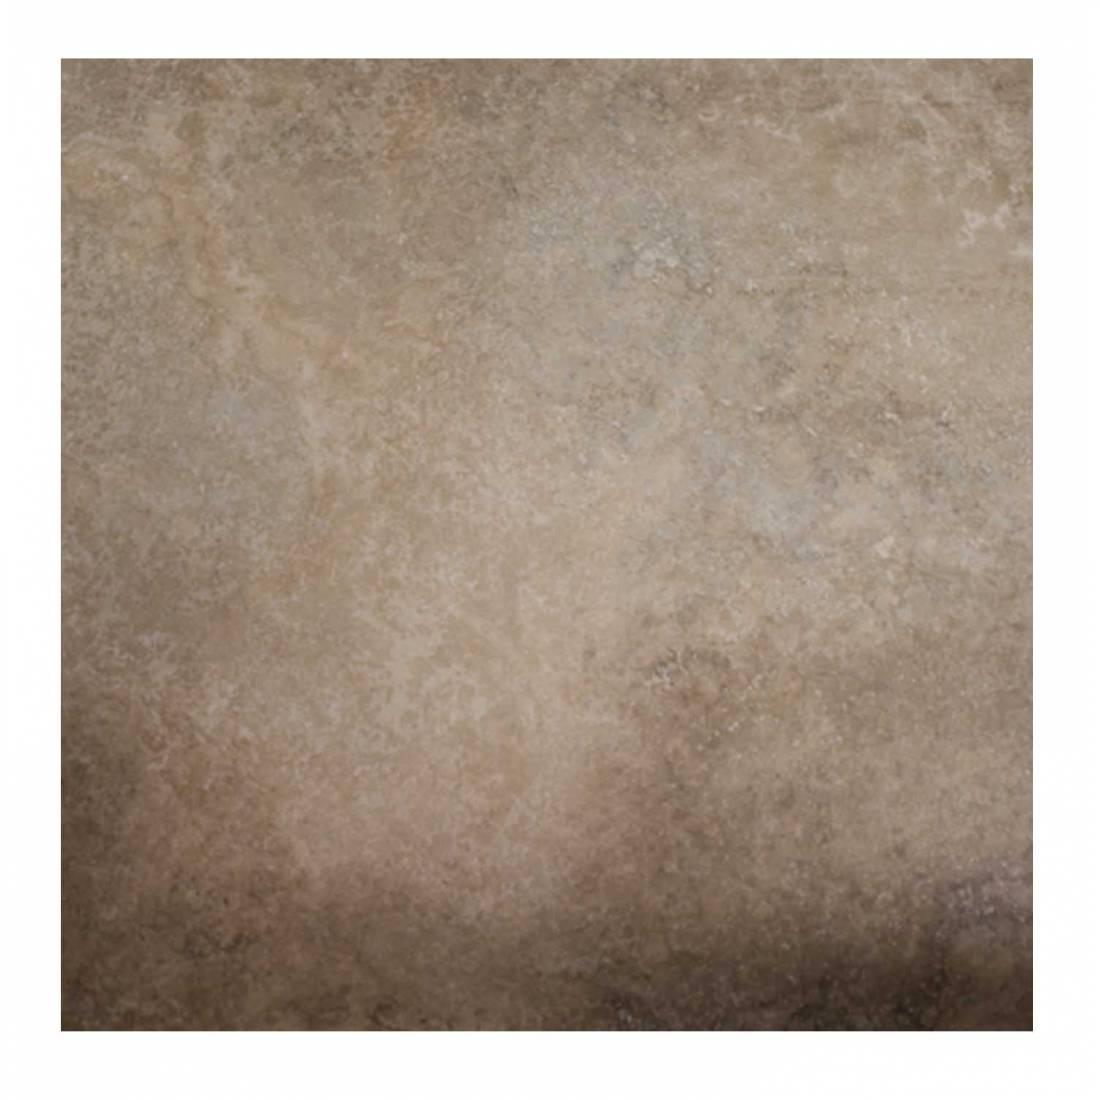 Durango 61.5x61.5 Walnut Matt 1